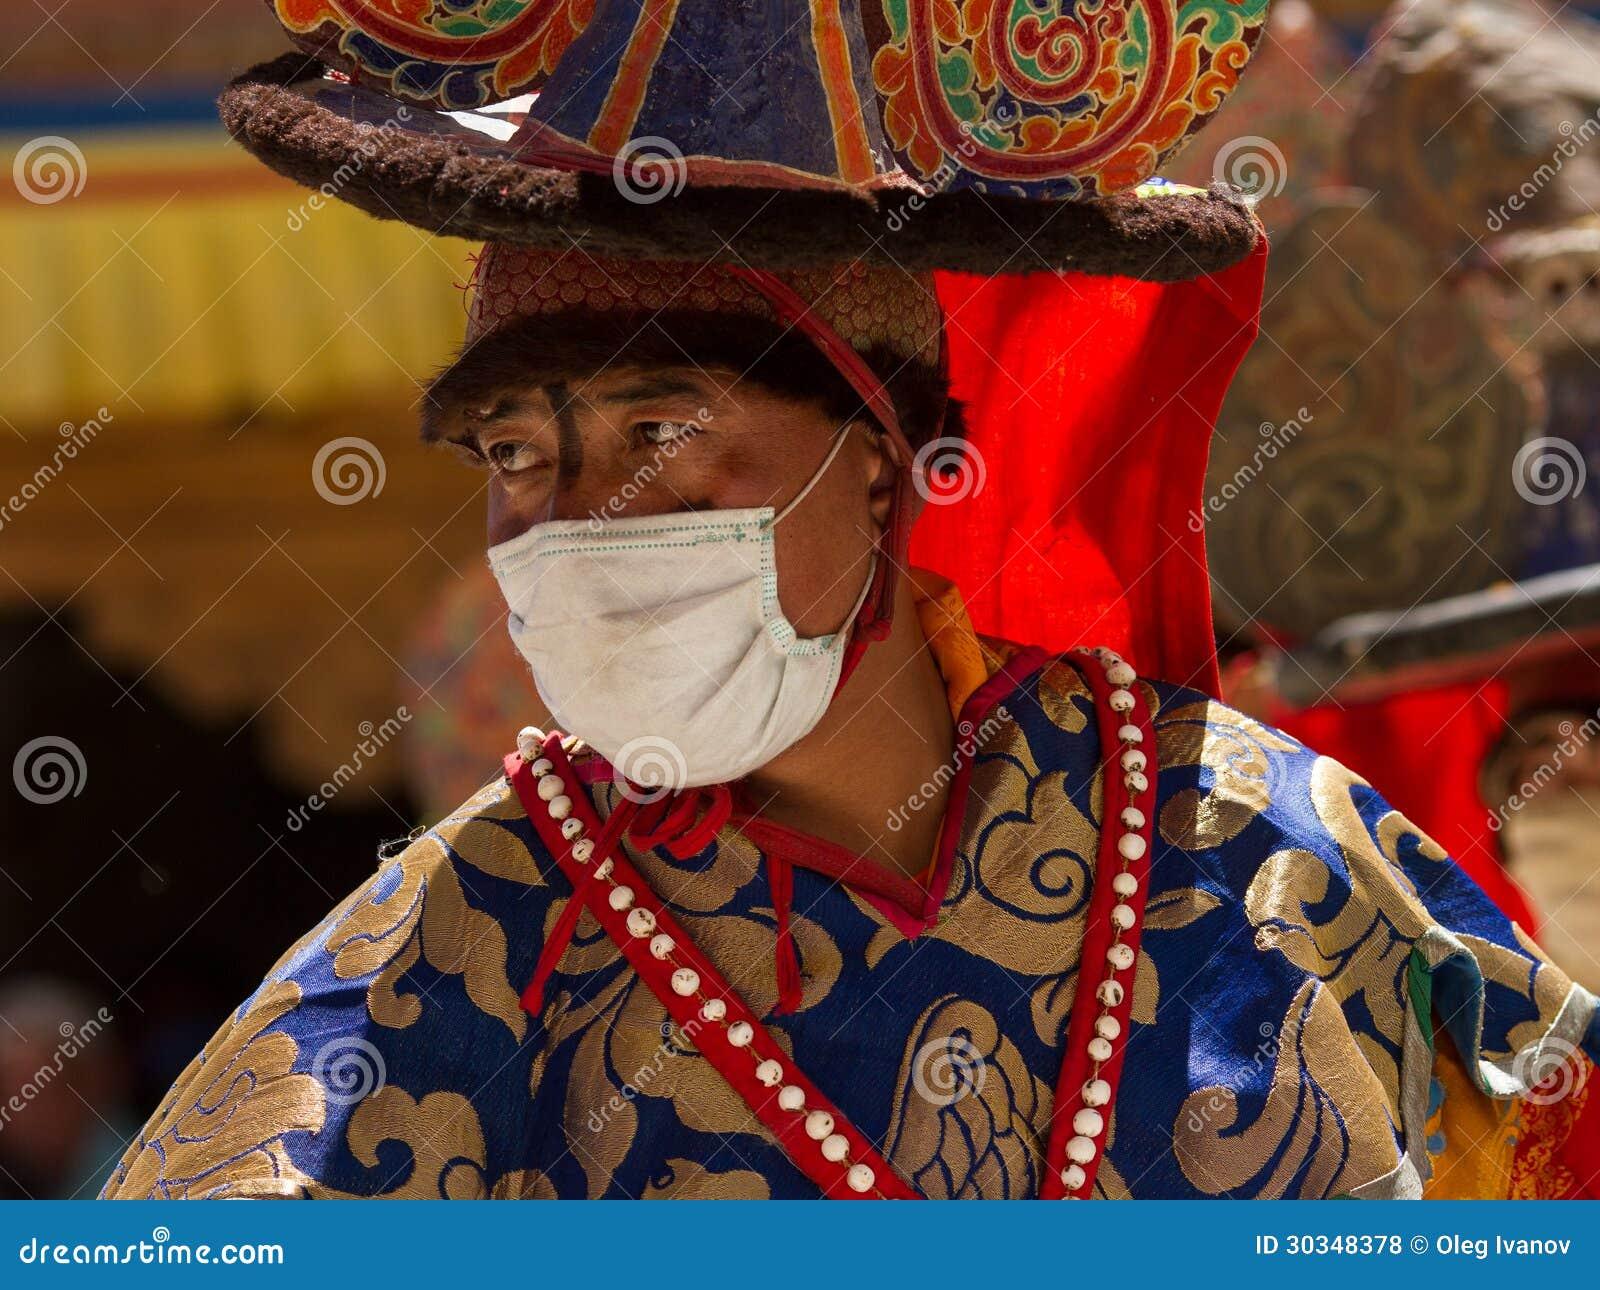 El bailarín que realiza danza religiosa del sombrero negro